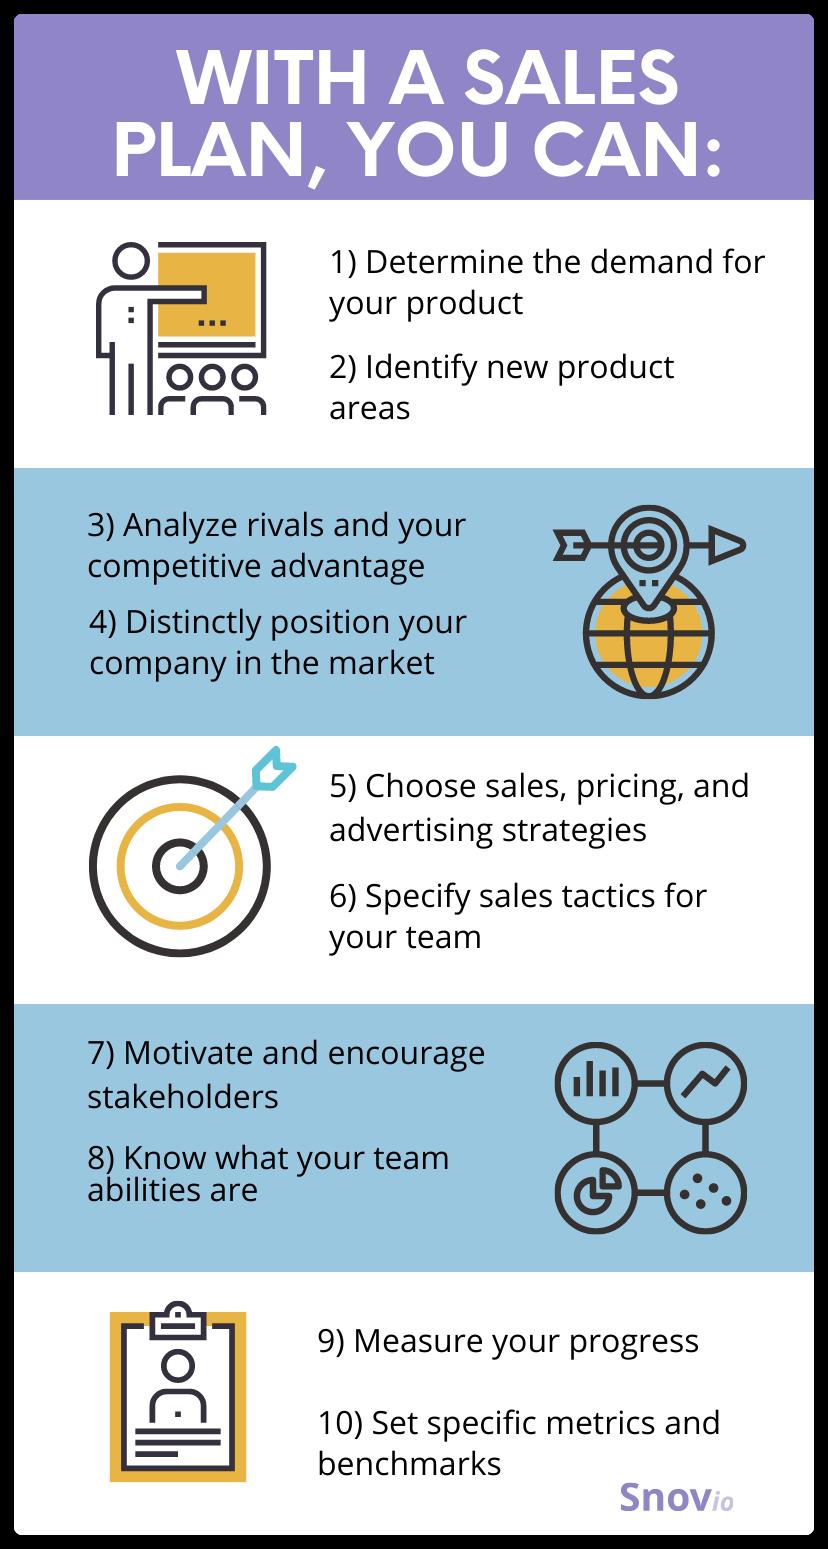 Advantages of a sales plan